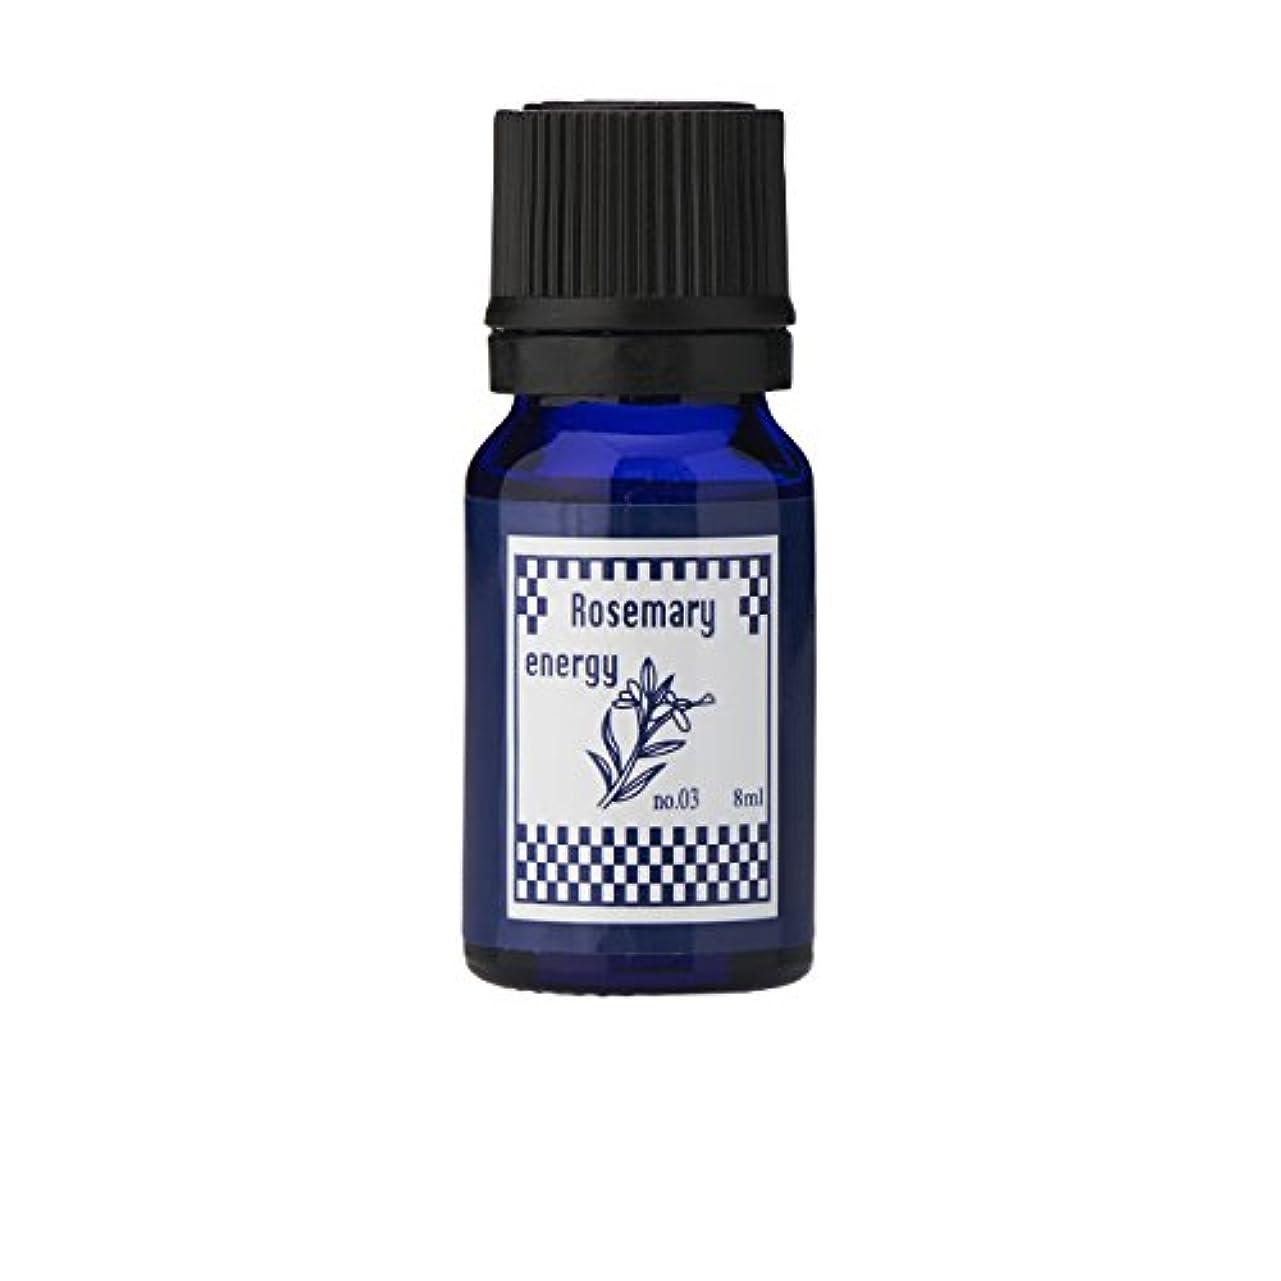 ディプロマはず聖歌ブルーラベル アロマエッセンス8ml ローズマリー(アロマオイル 調合香料 芳香用)